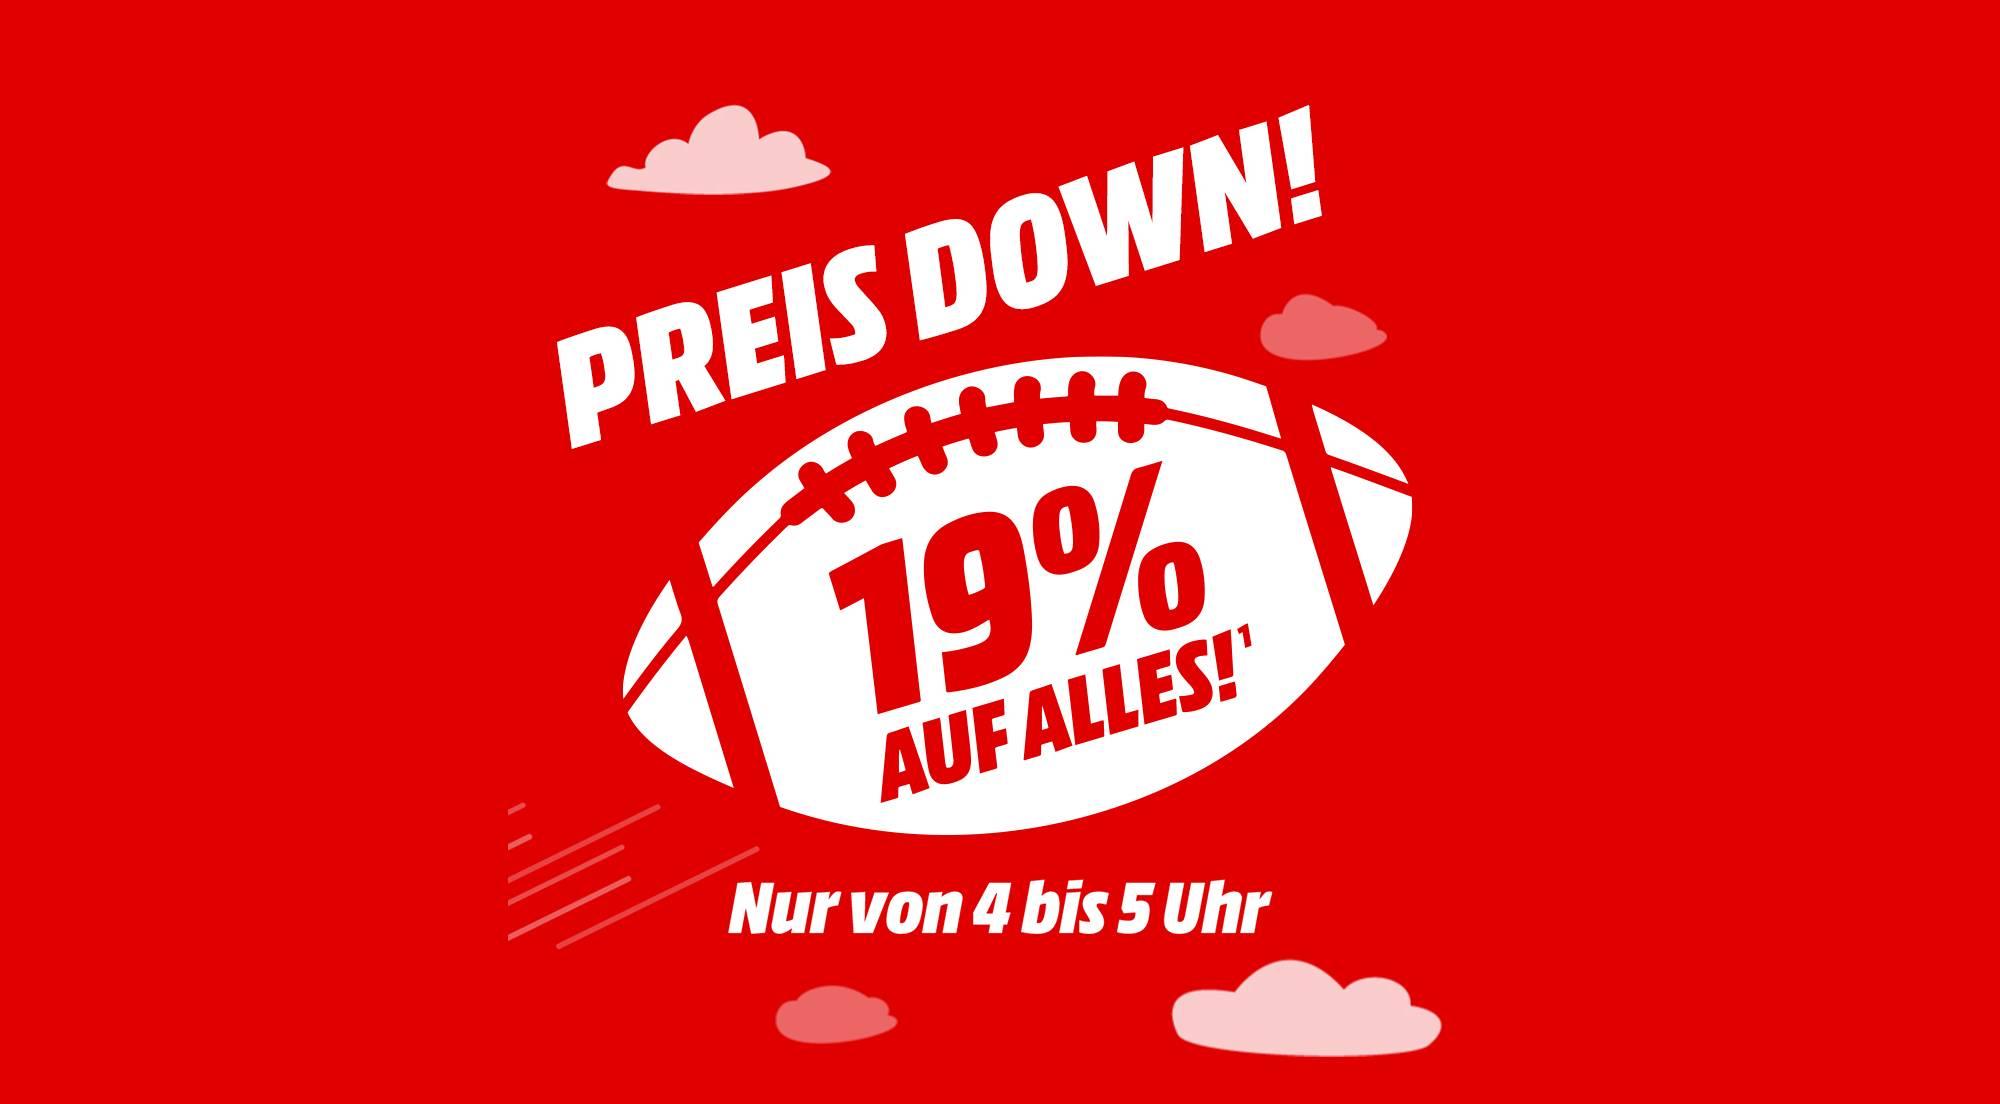 Mediamarkt 19 Prozent Super Bowl Aktion